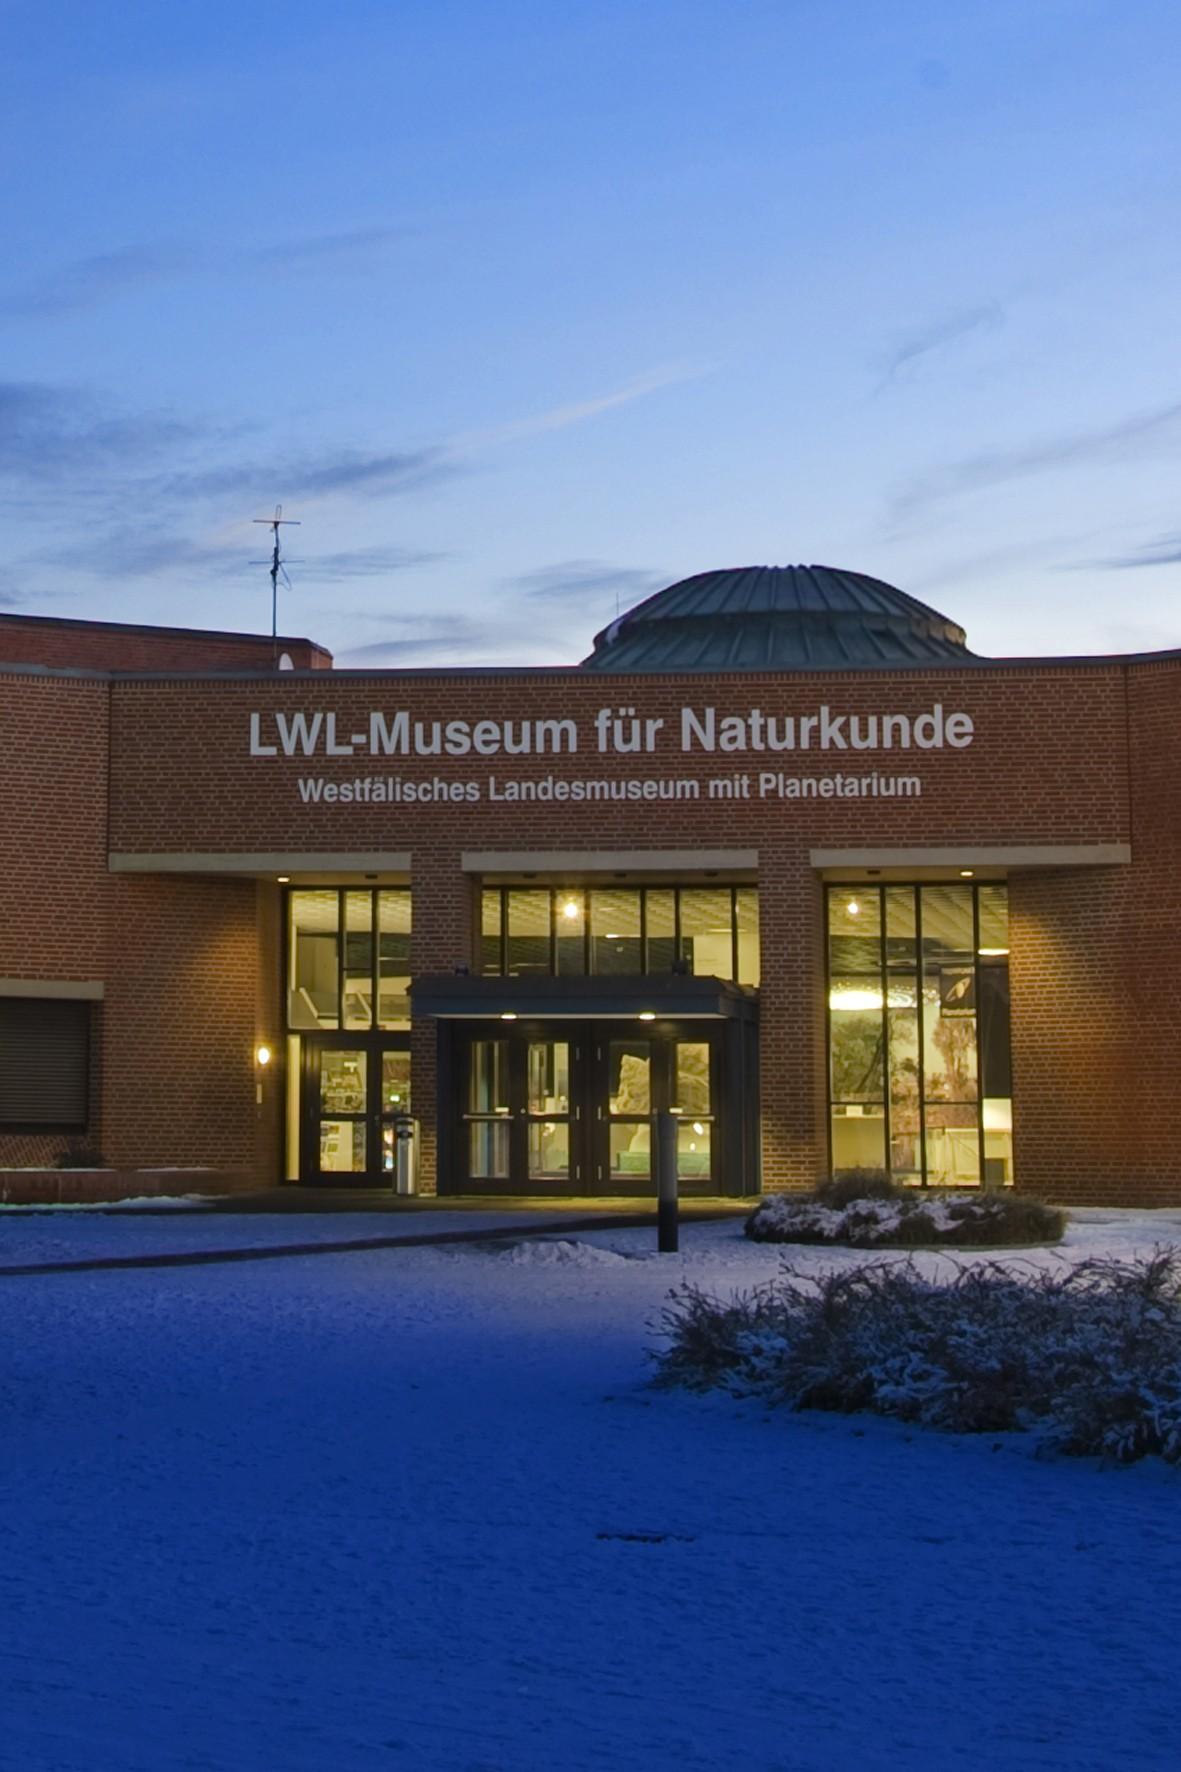 Herzlich willkommen im Planetarium Unendlich viel zu entdecken gibt es im Planetarium in Münster Im Sternentheater erwarten Sie der ganze Kosmos und